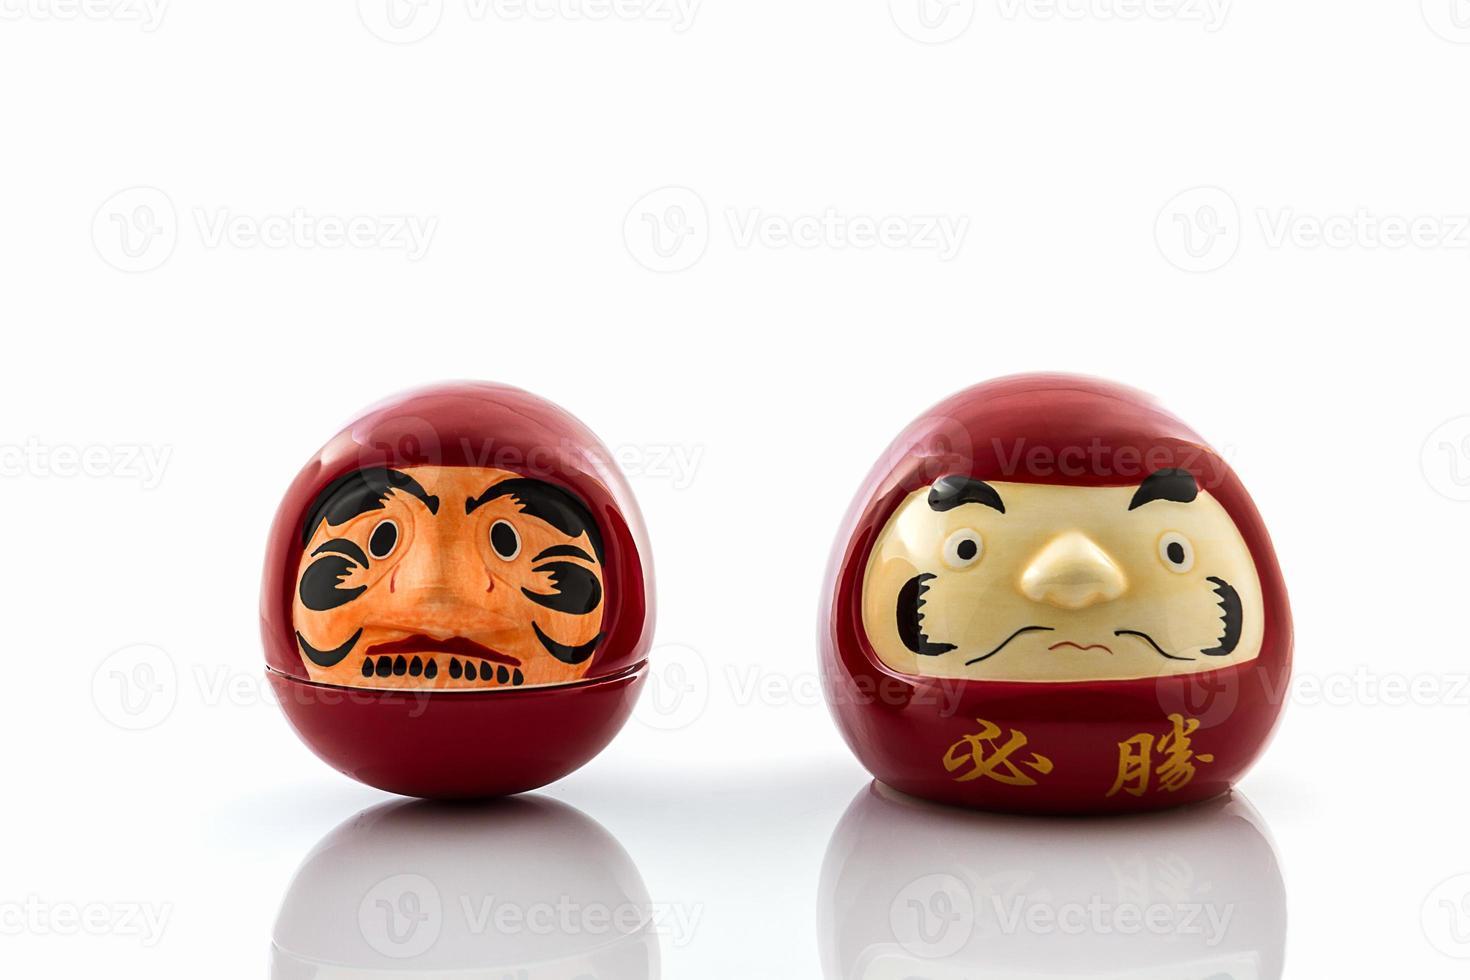 darumas gelukspop, symbolen van de culturele en spirituele tr van Japan foto